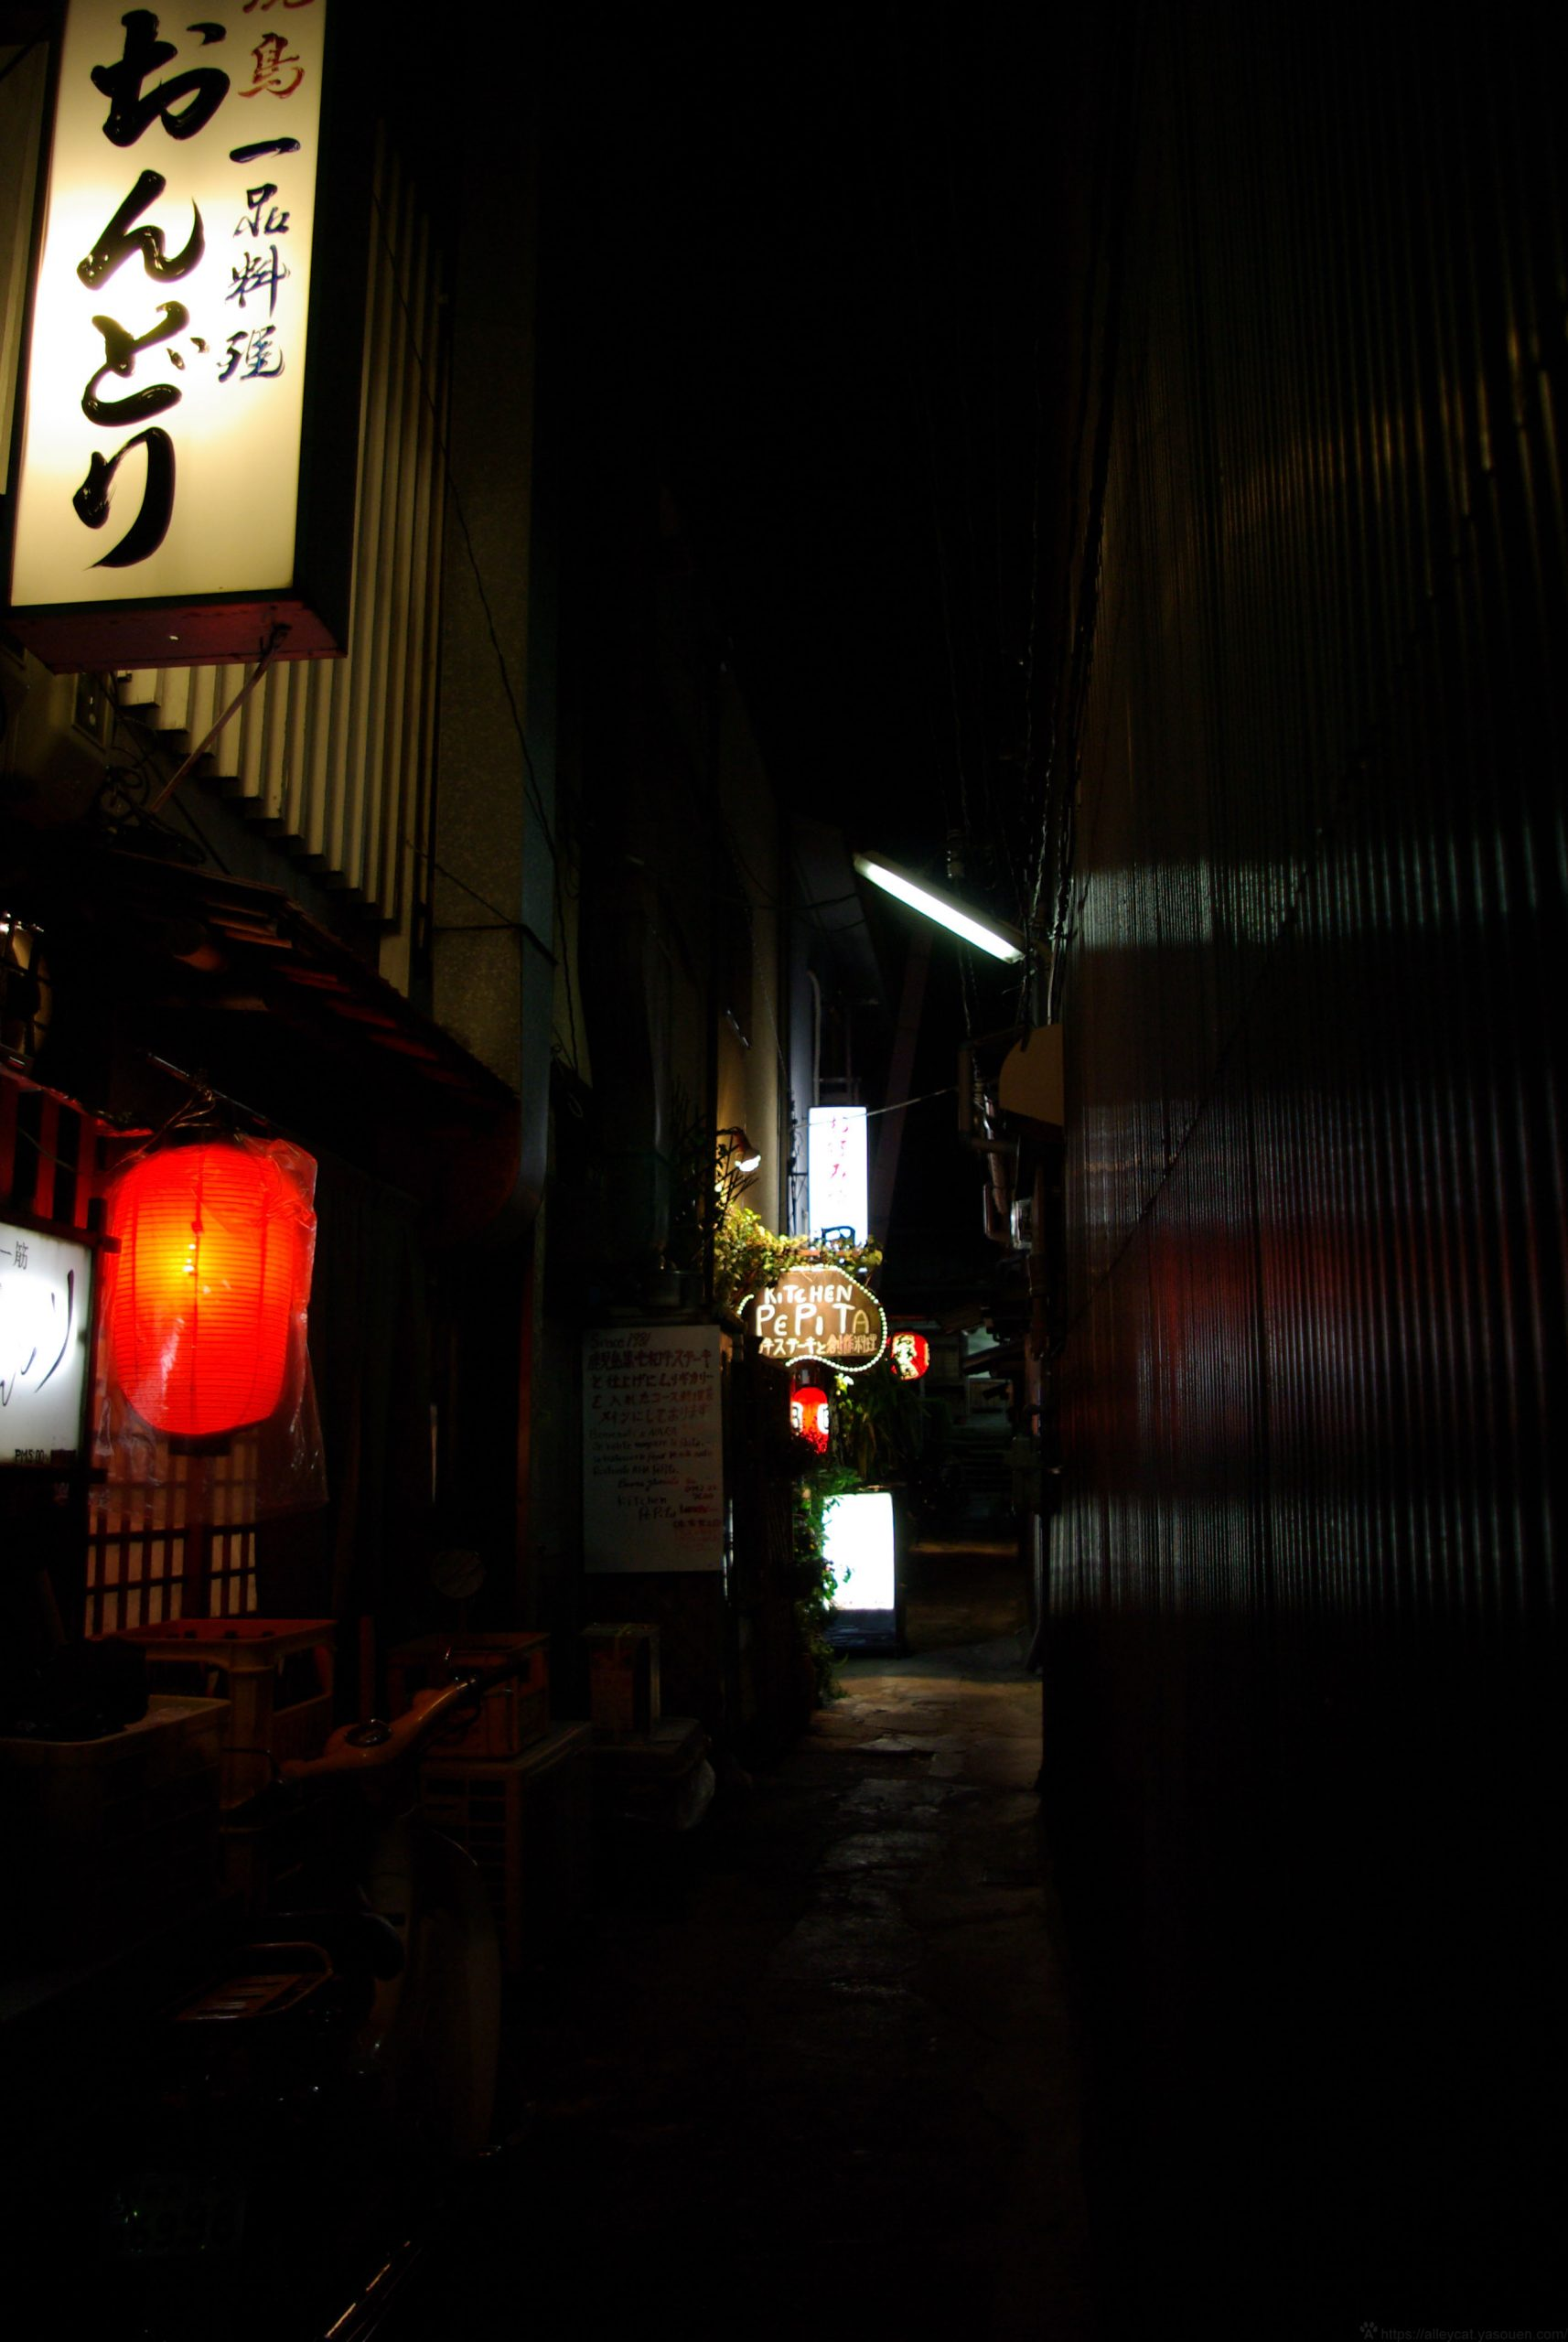 Nara, Japan, 2008